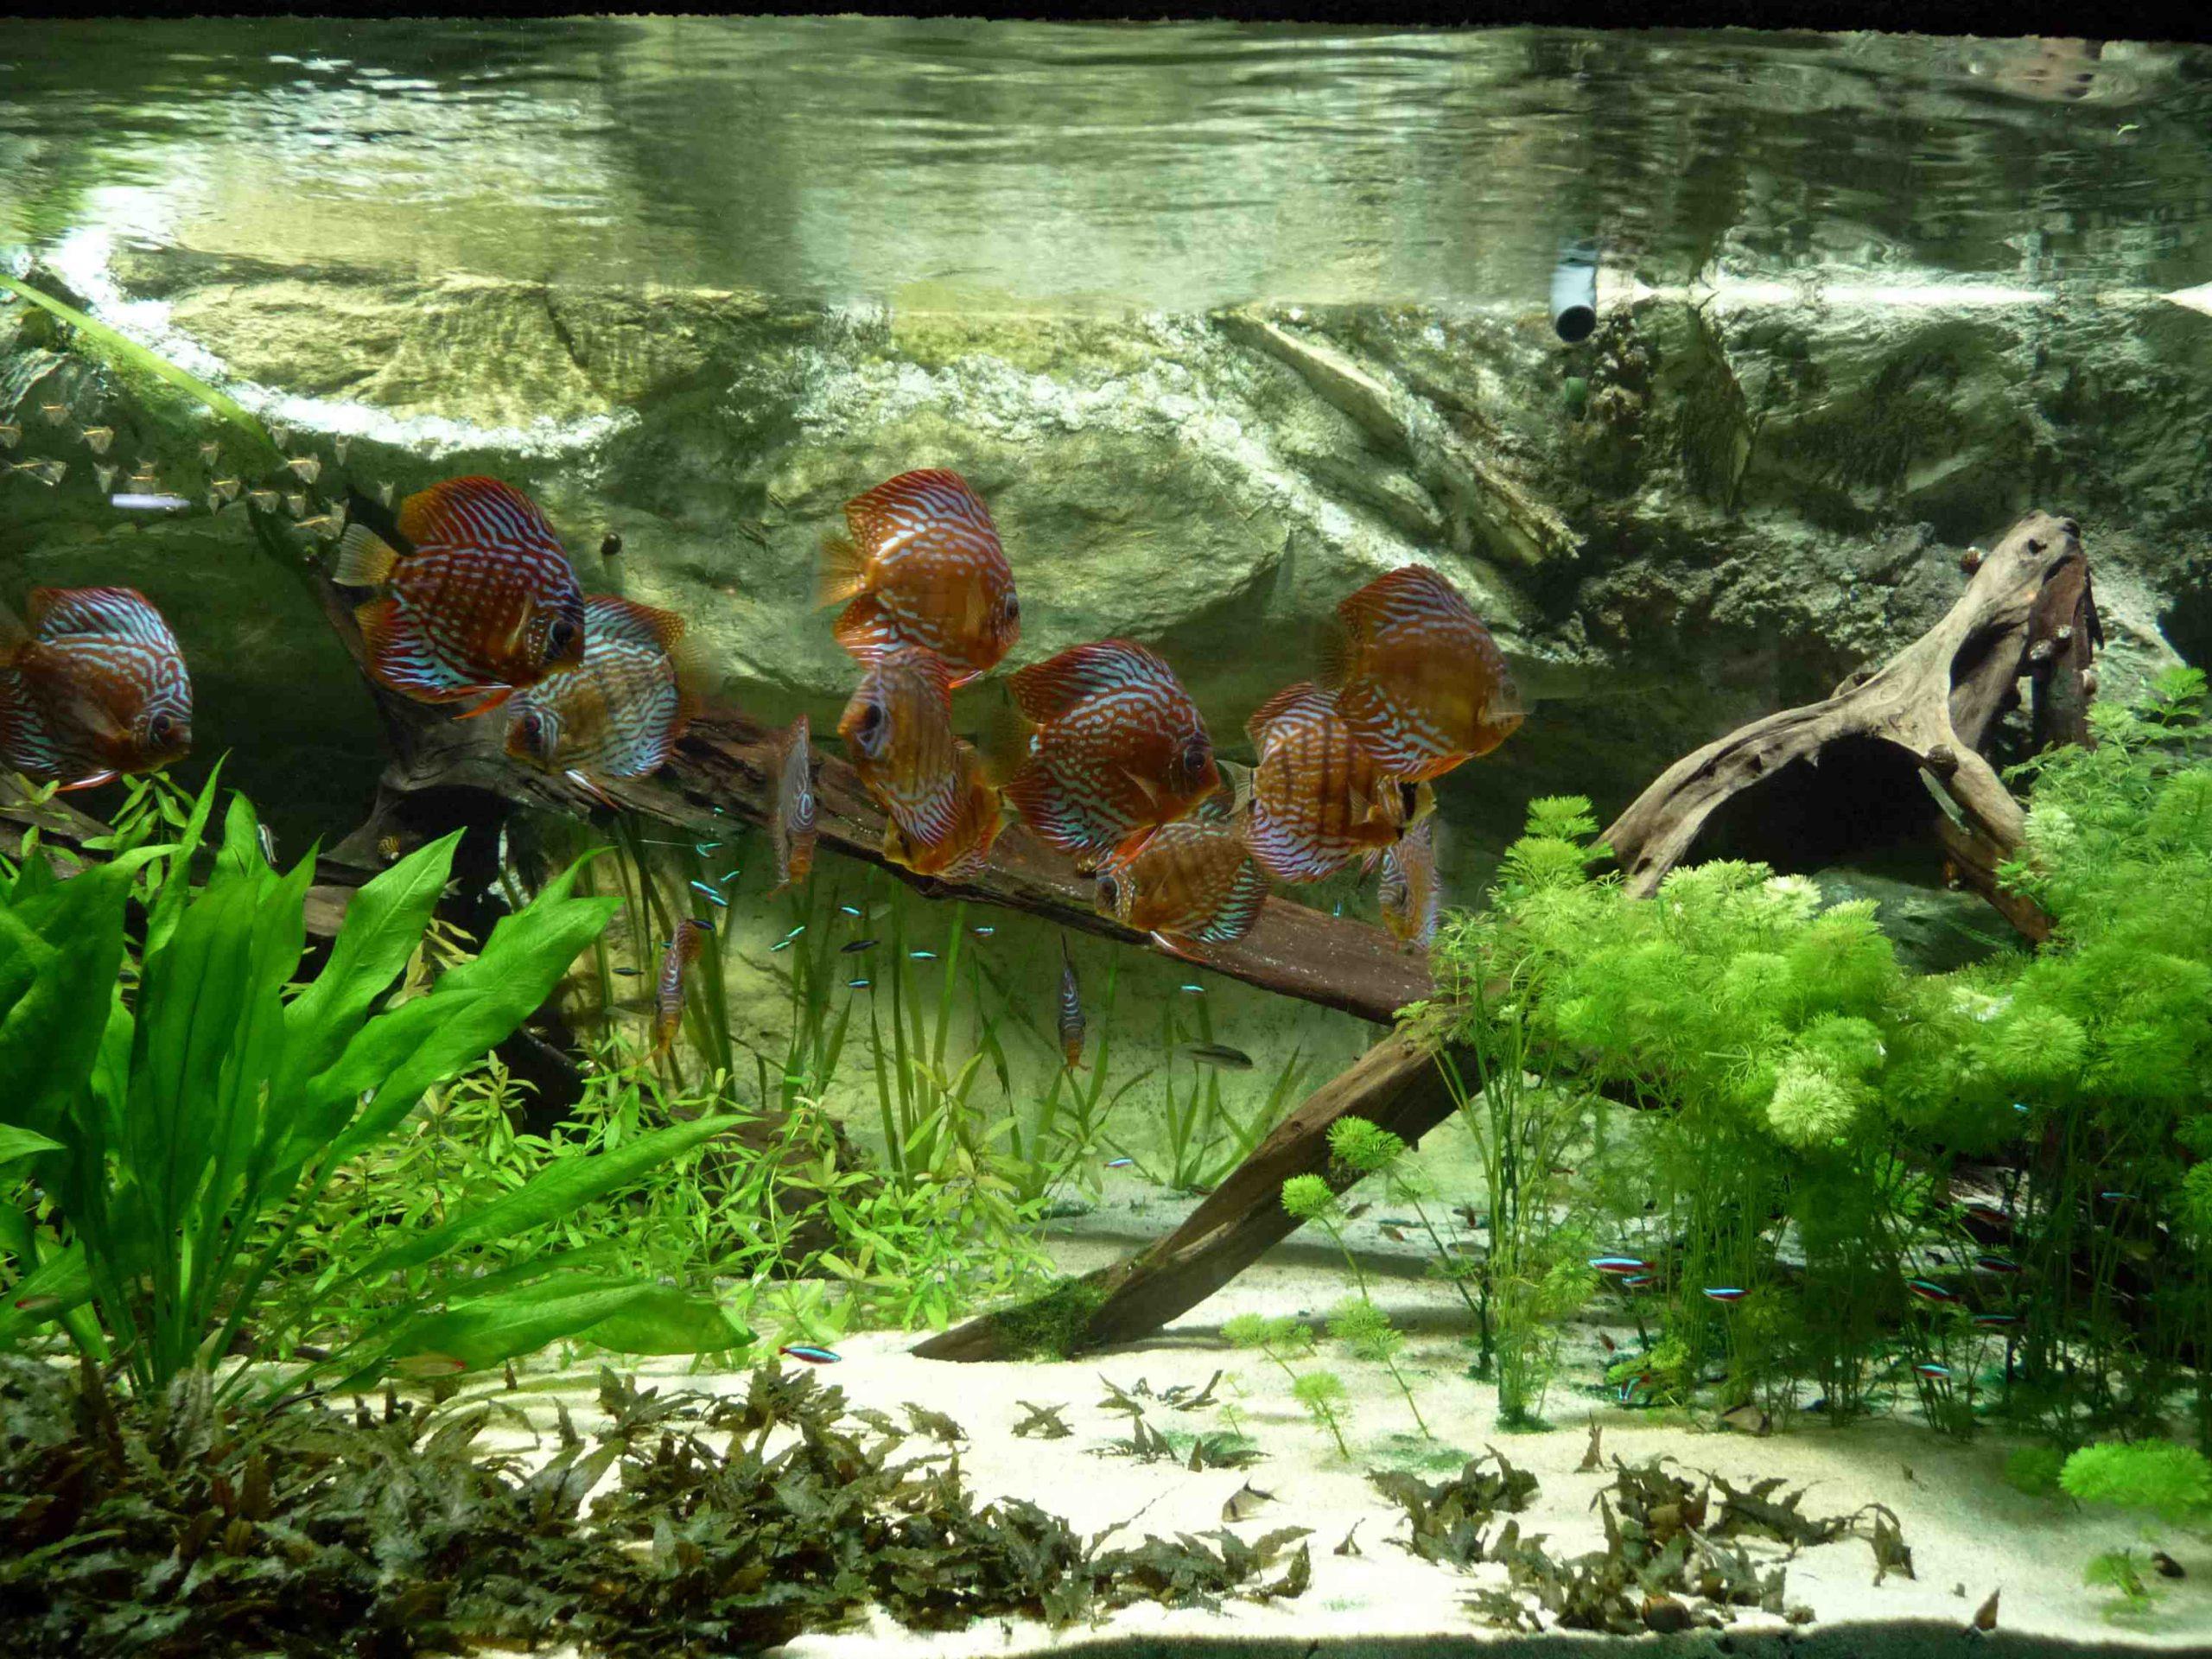 Quand devriez-vous mettre du poisson dans l'aquarium?